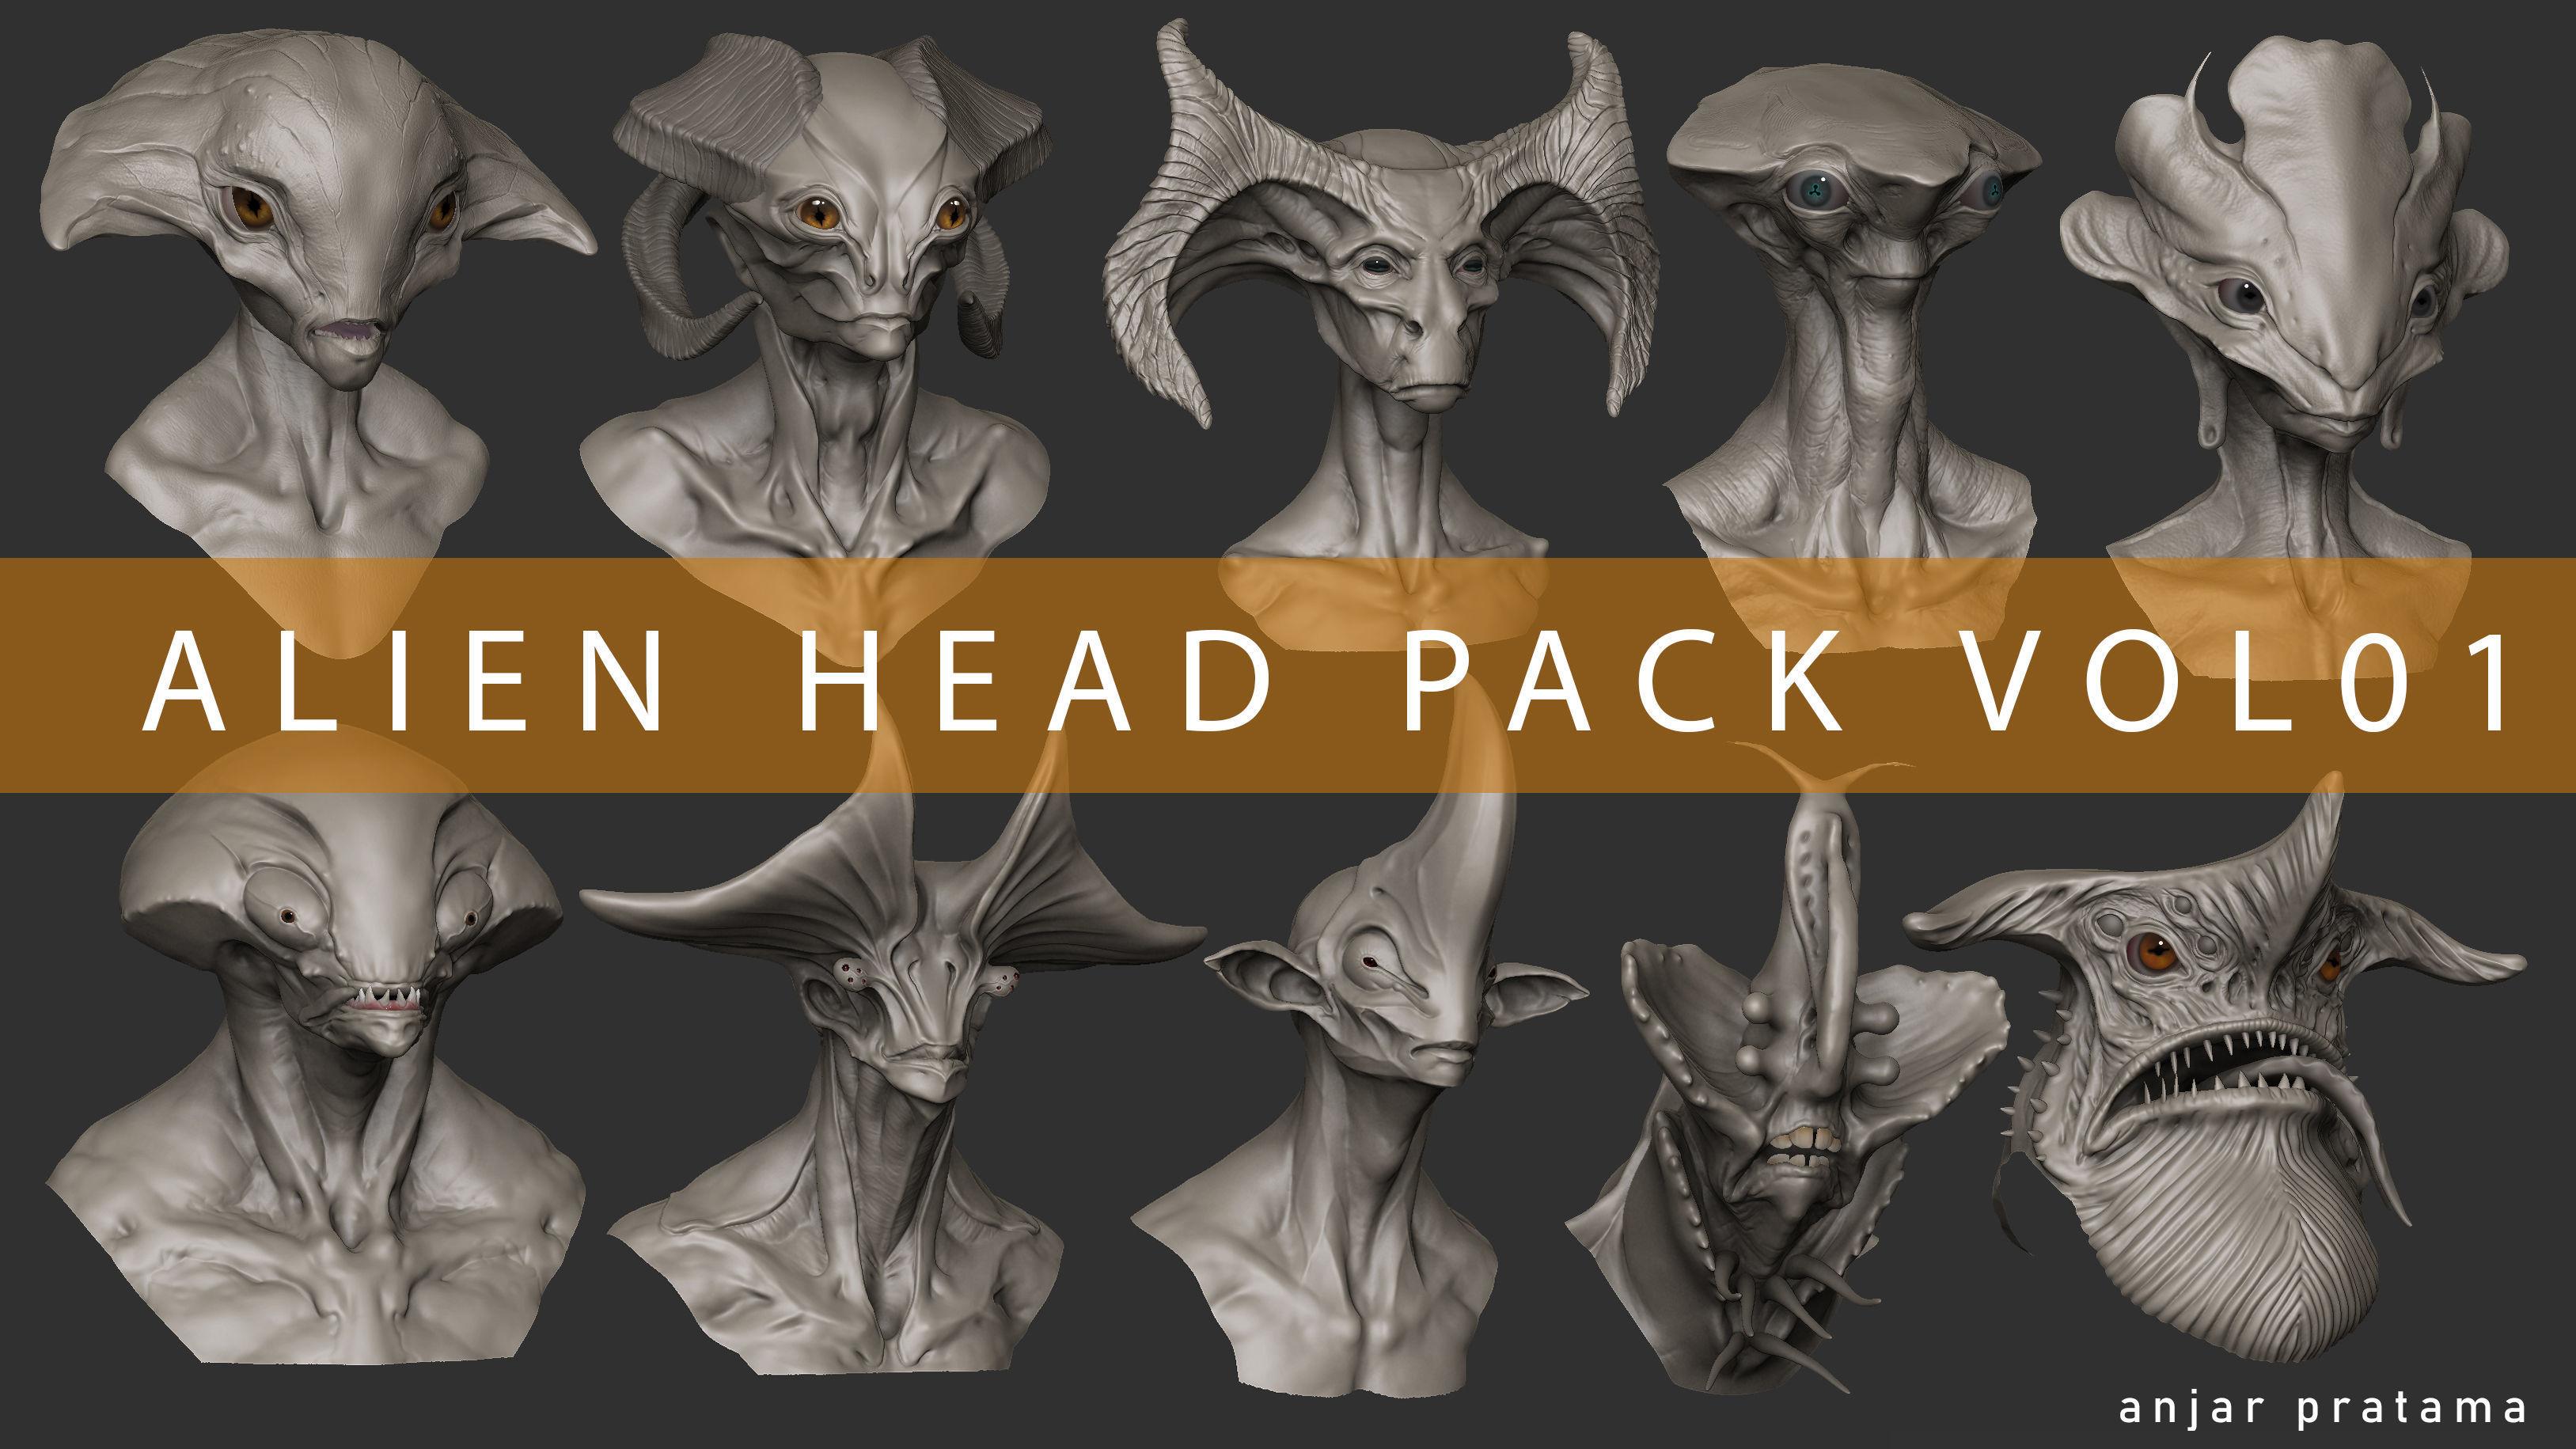 Alien Head Pack Vol 01